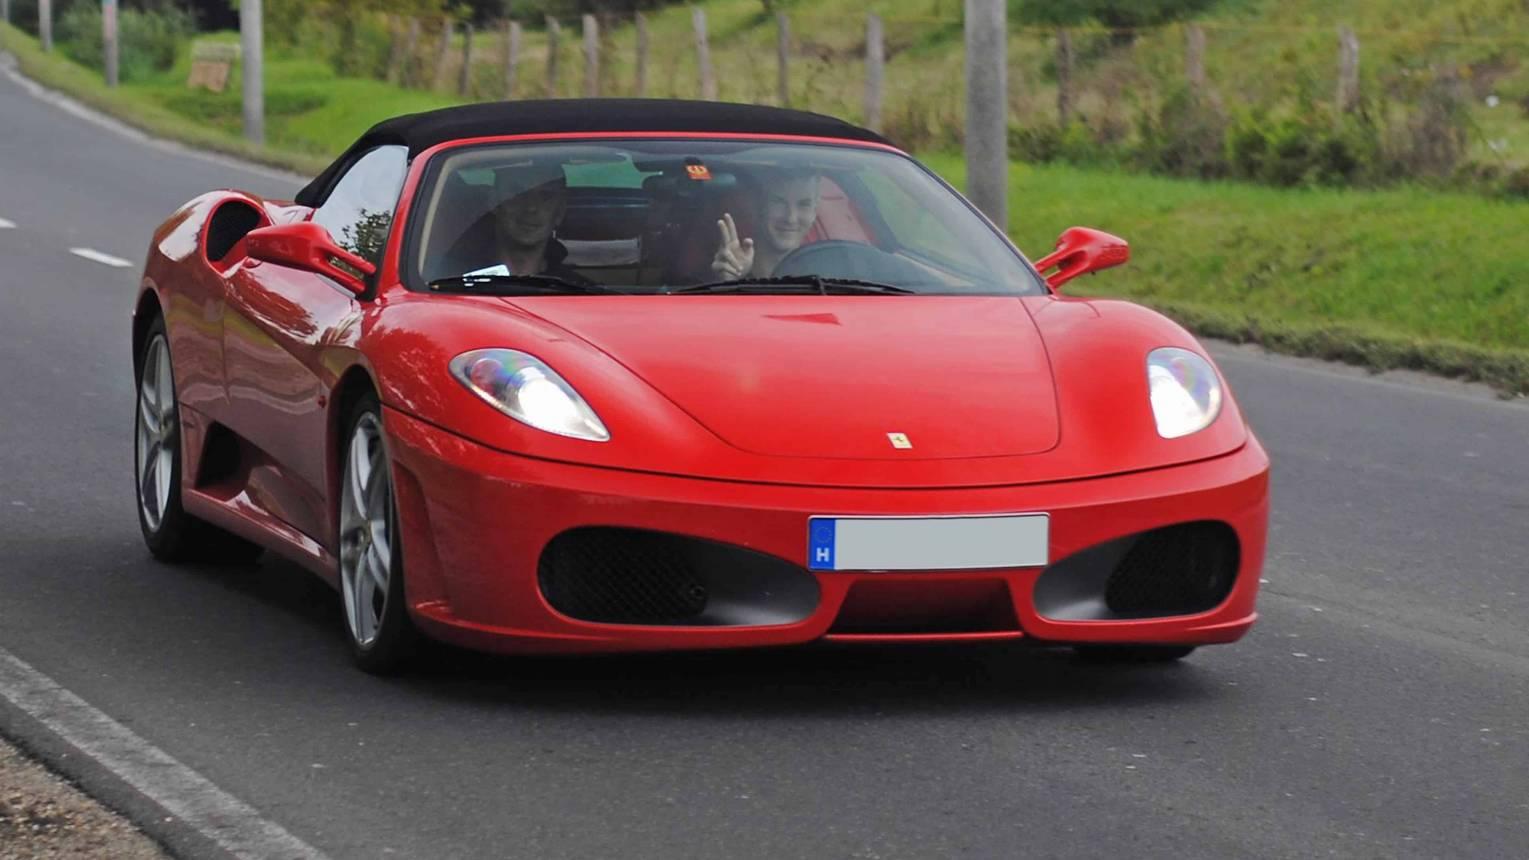 Ferrari 430 utcai vezetés